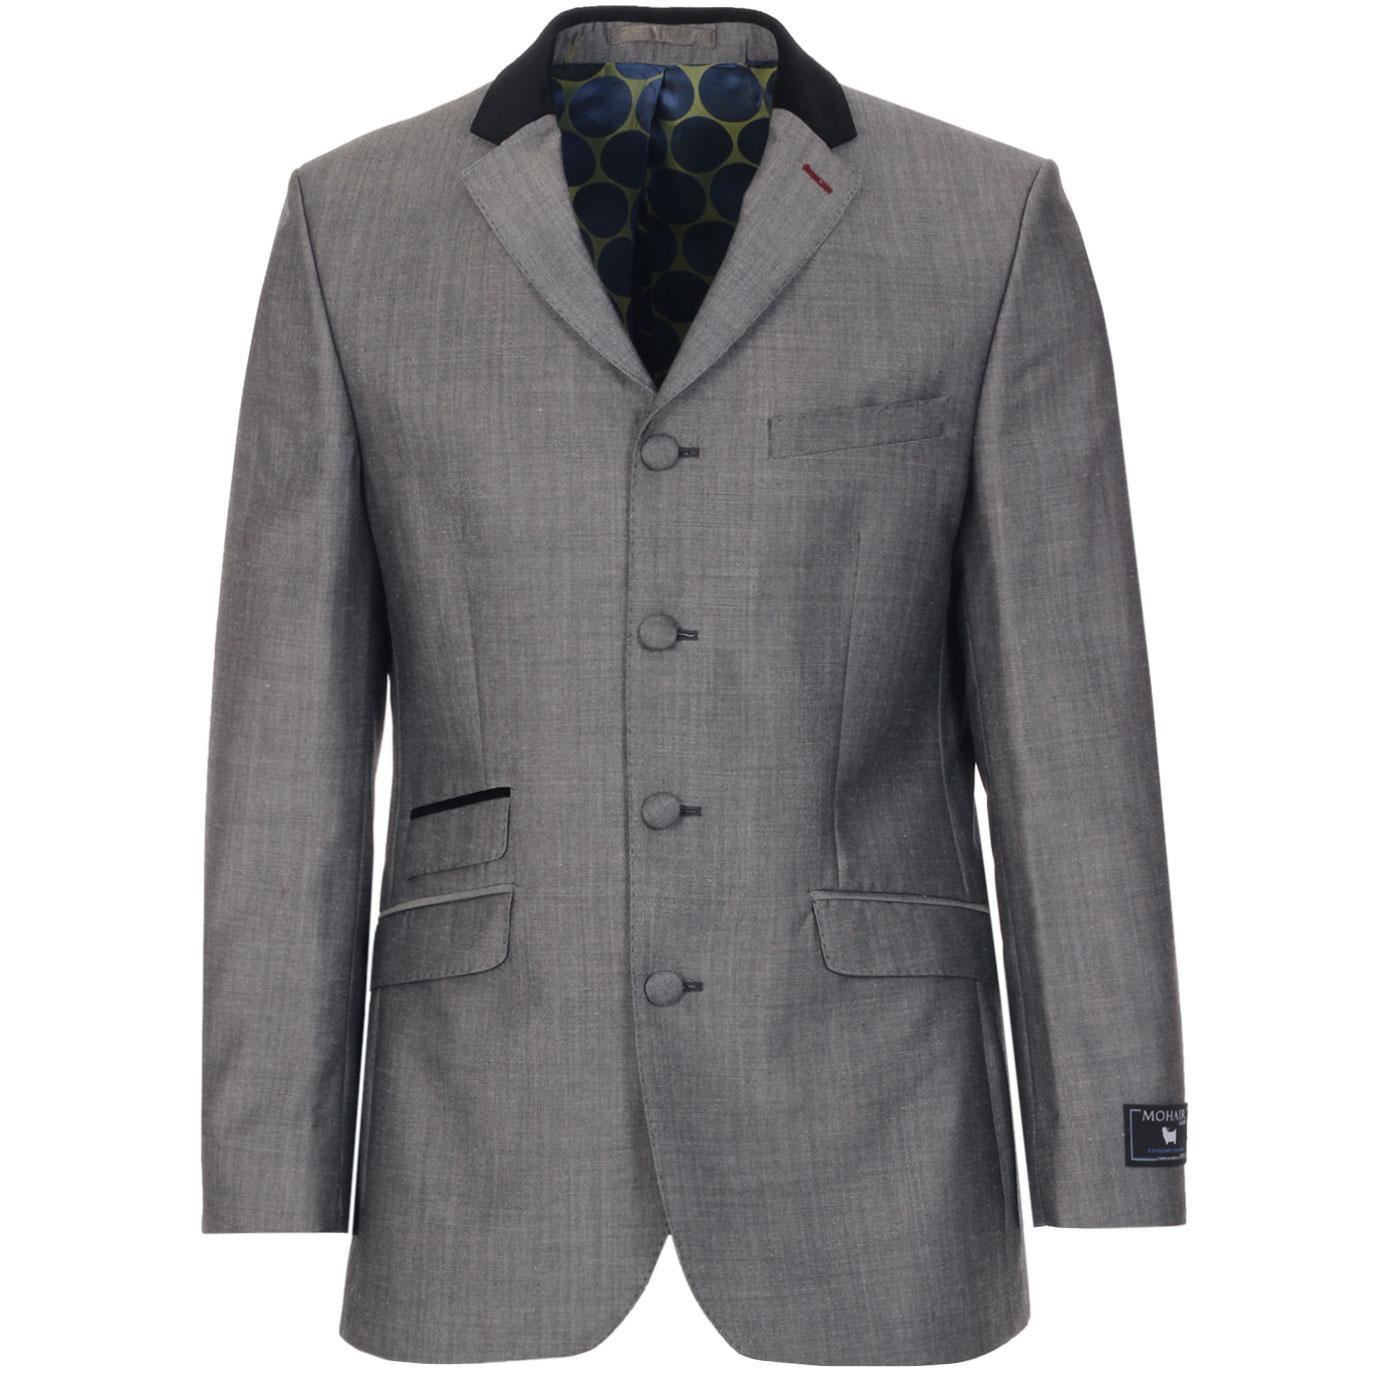 MADCAP ENGLAND 4 Button Tonic Suit Jacket (SG)